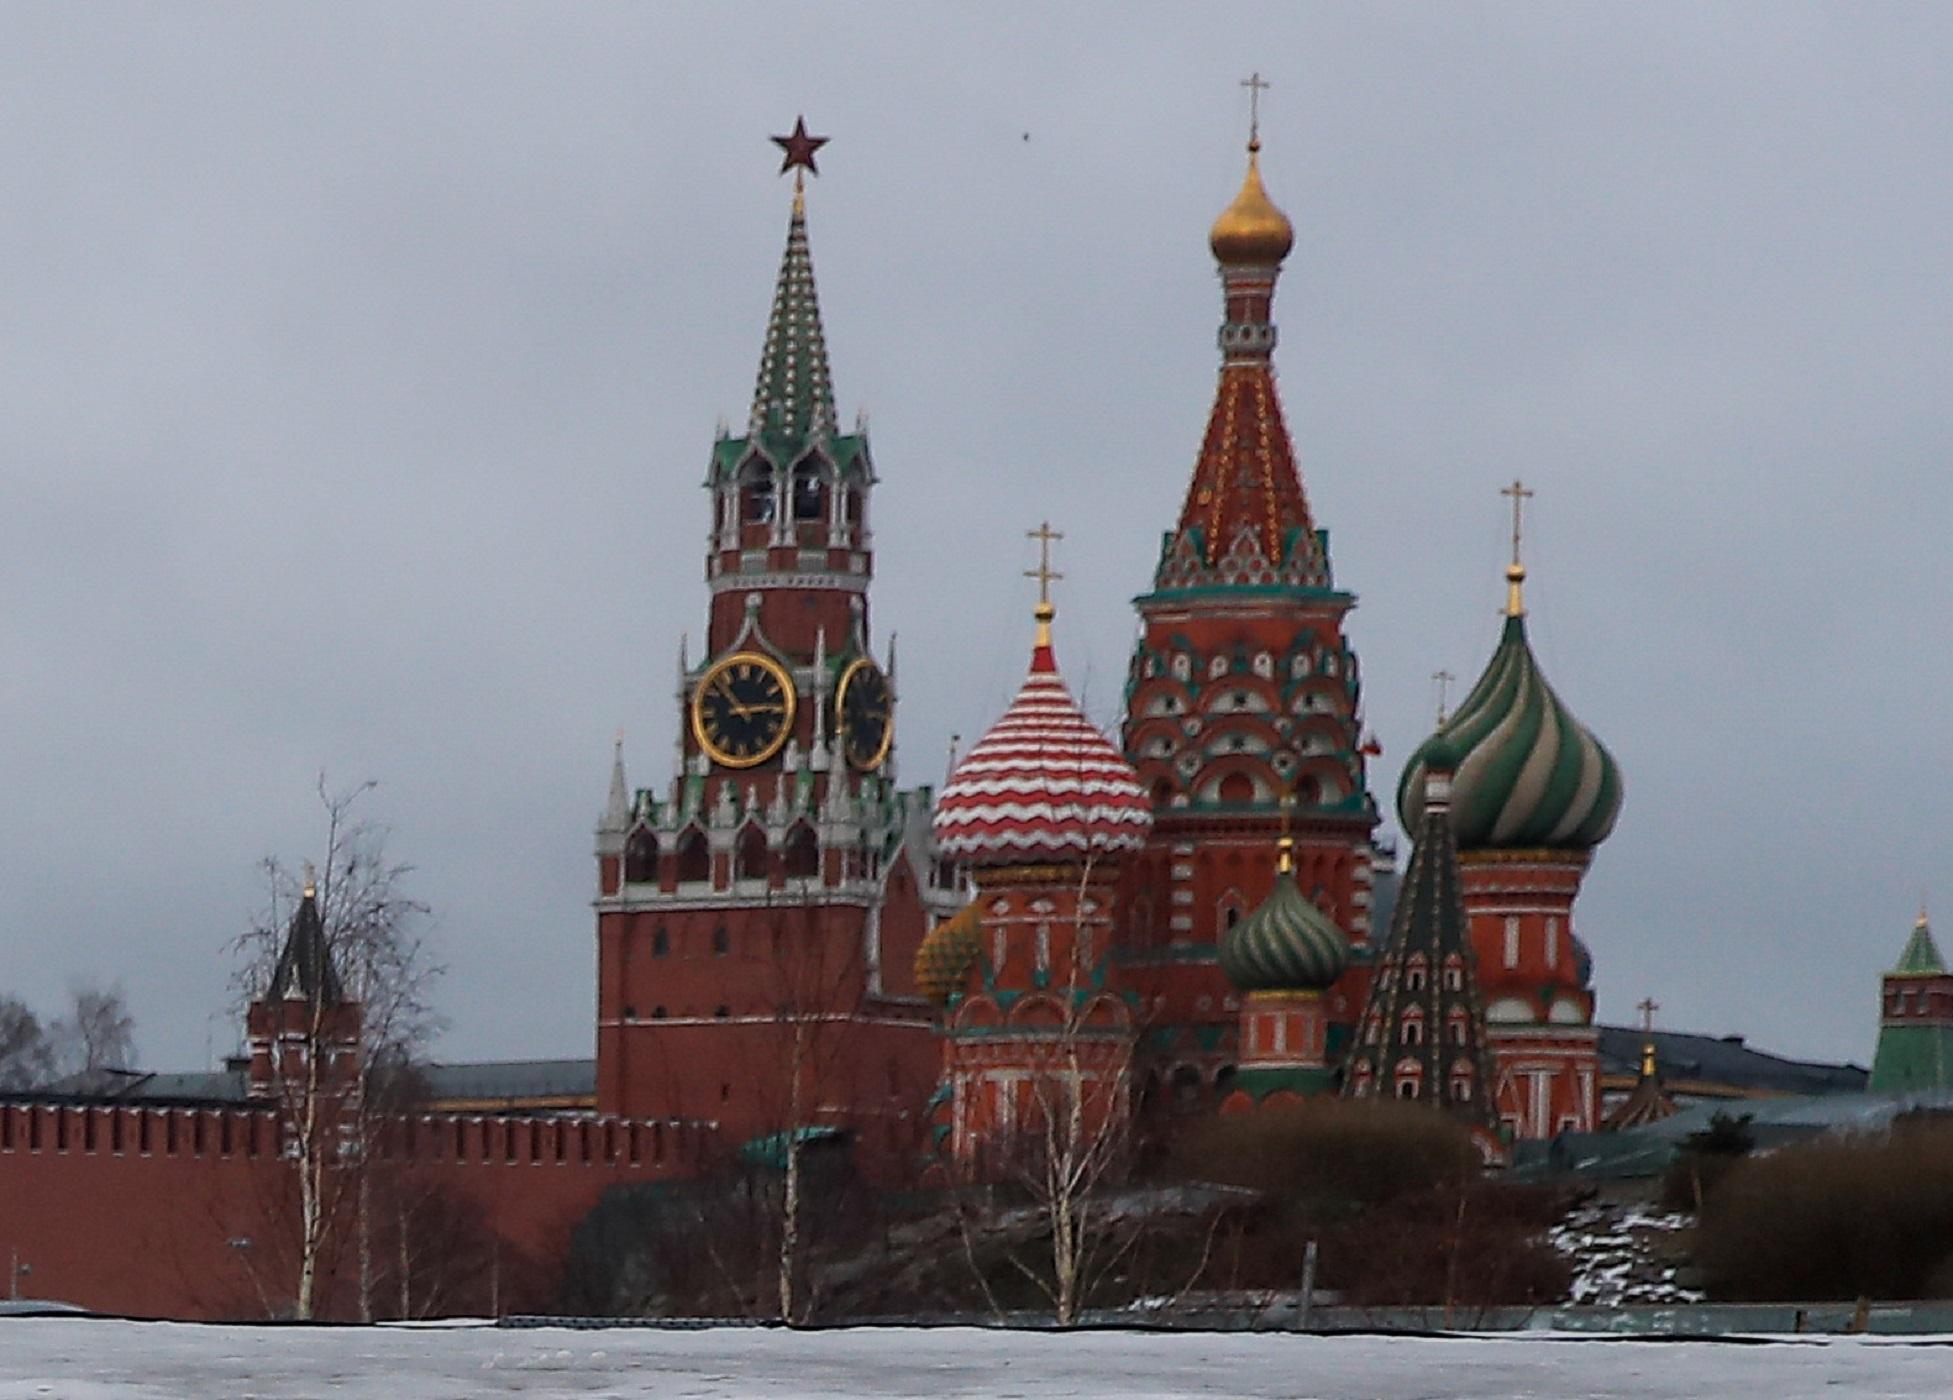 Ενδιαφέρουσα η πρόταση του Έλον Μασκ να συζητήσει με τον Πούτιν